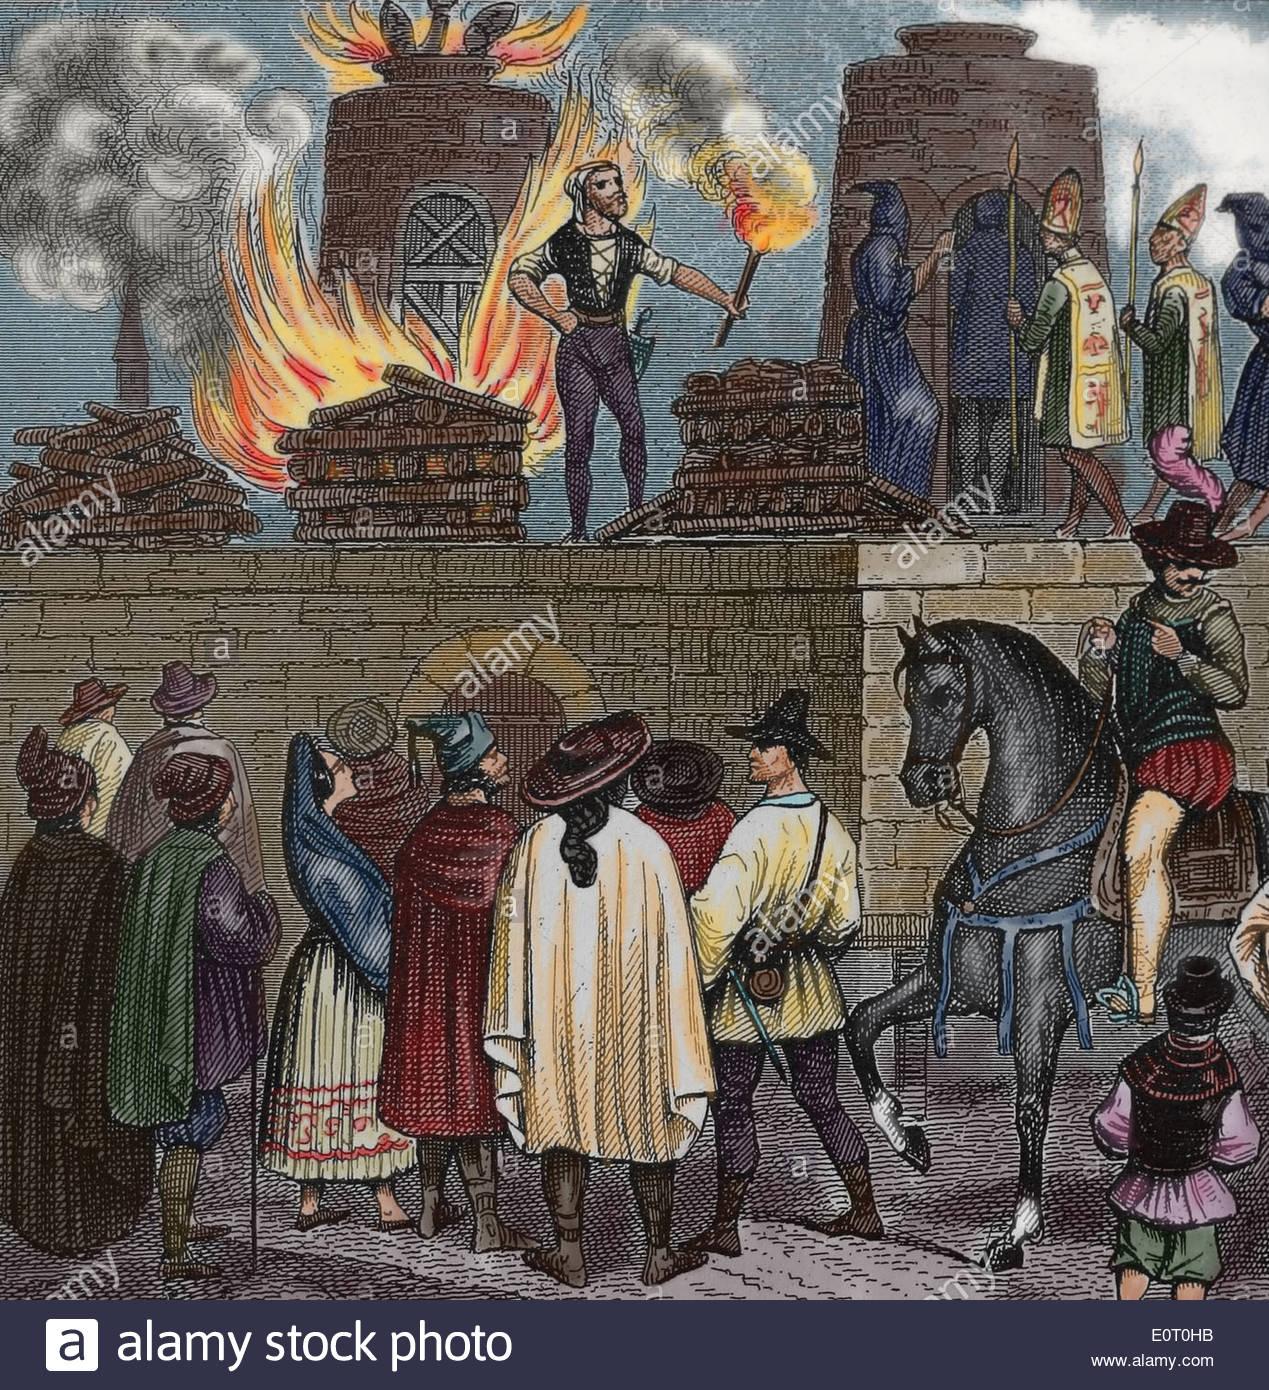 spanish-inquisition-auto-de-fe-capital-punishment-death-by-burnig-E0T0HB